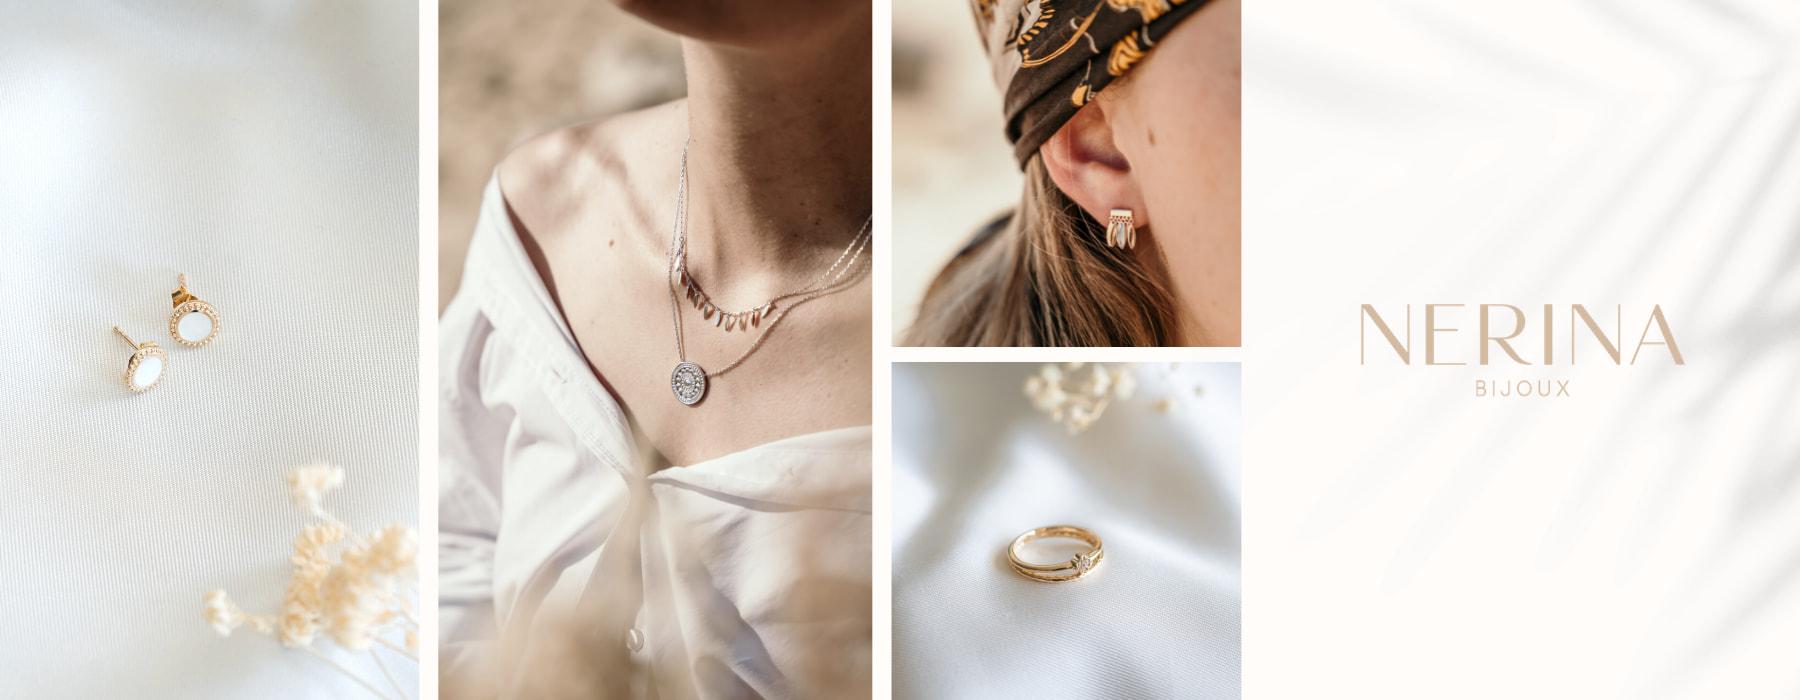 Nerina Bijoux : Bijoux fantaisie de qualité plaqué or et argent